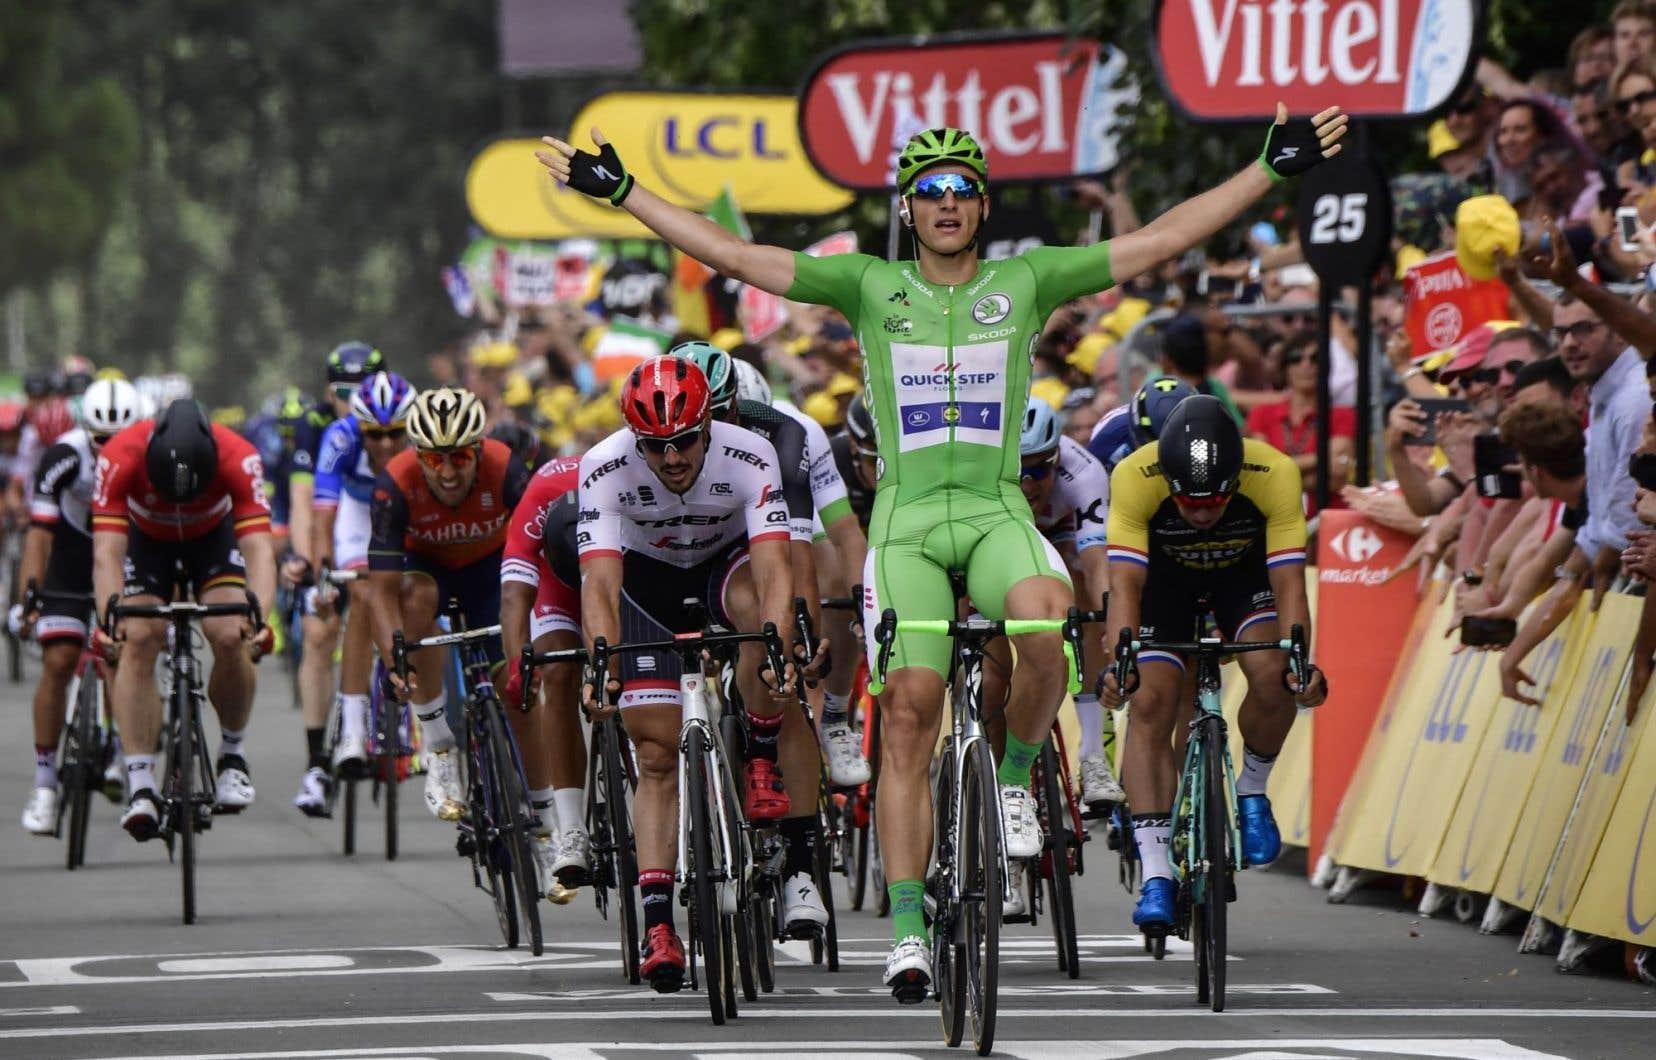 Kittel (en vert ci-dessus) a porté à 13 son total de victoires d'étape dans le Tour, le plus élevé pour un coureur allemand toutes générations confondues.